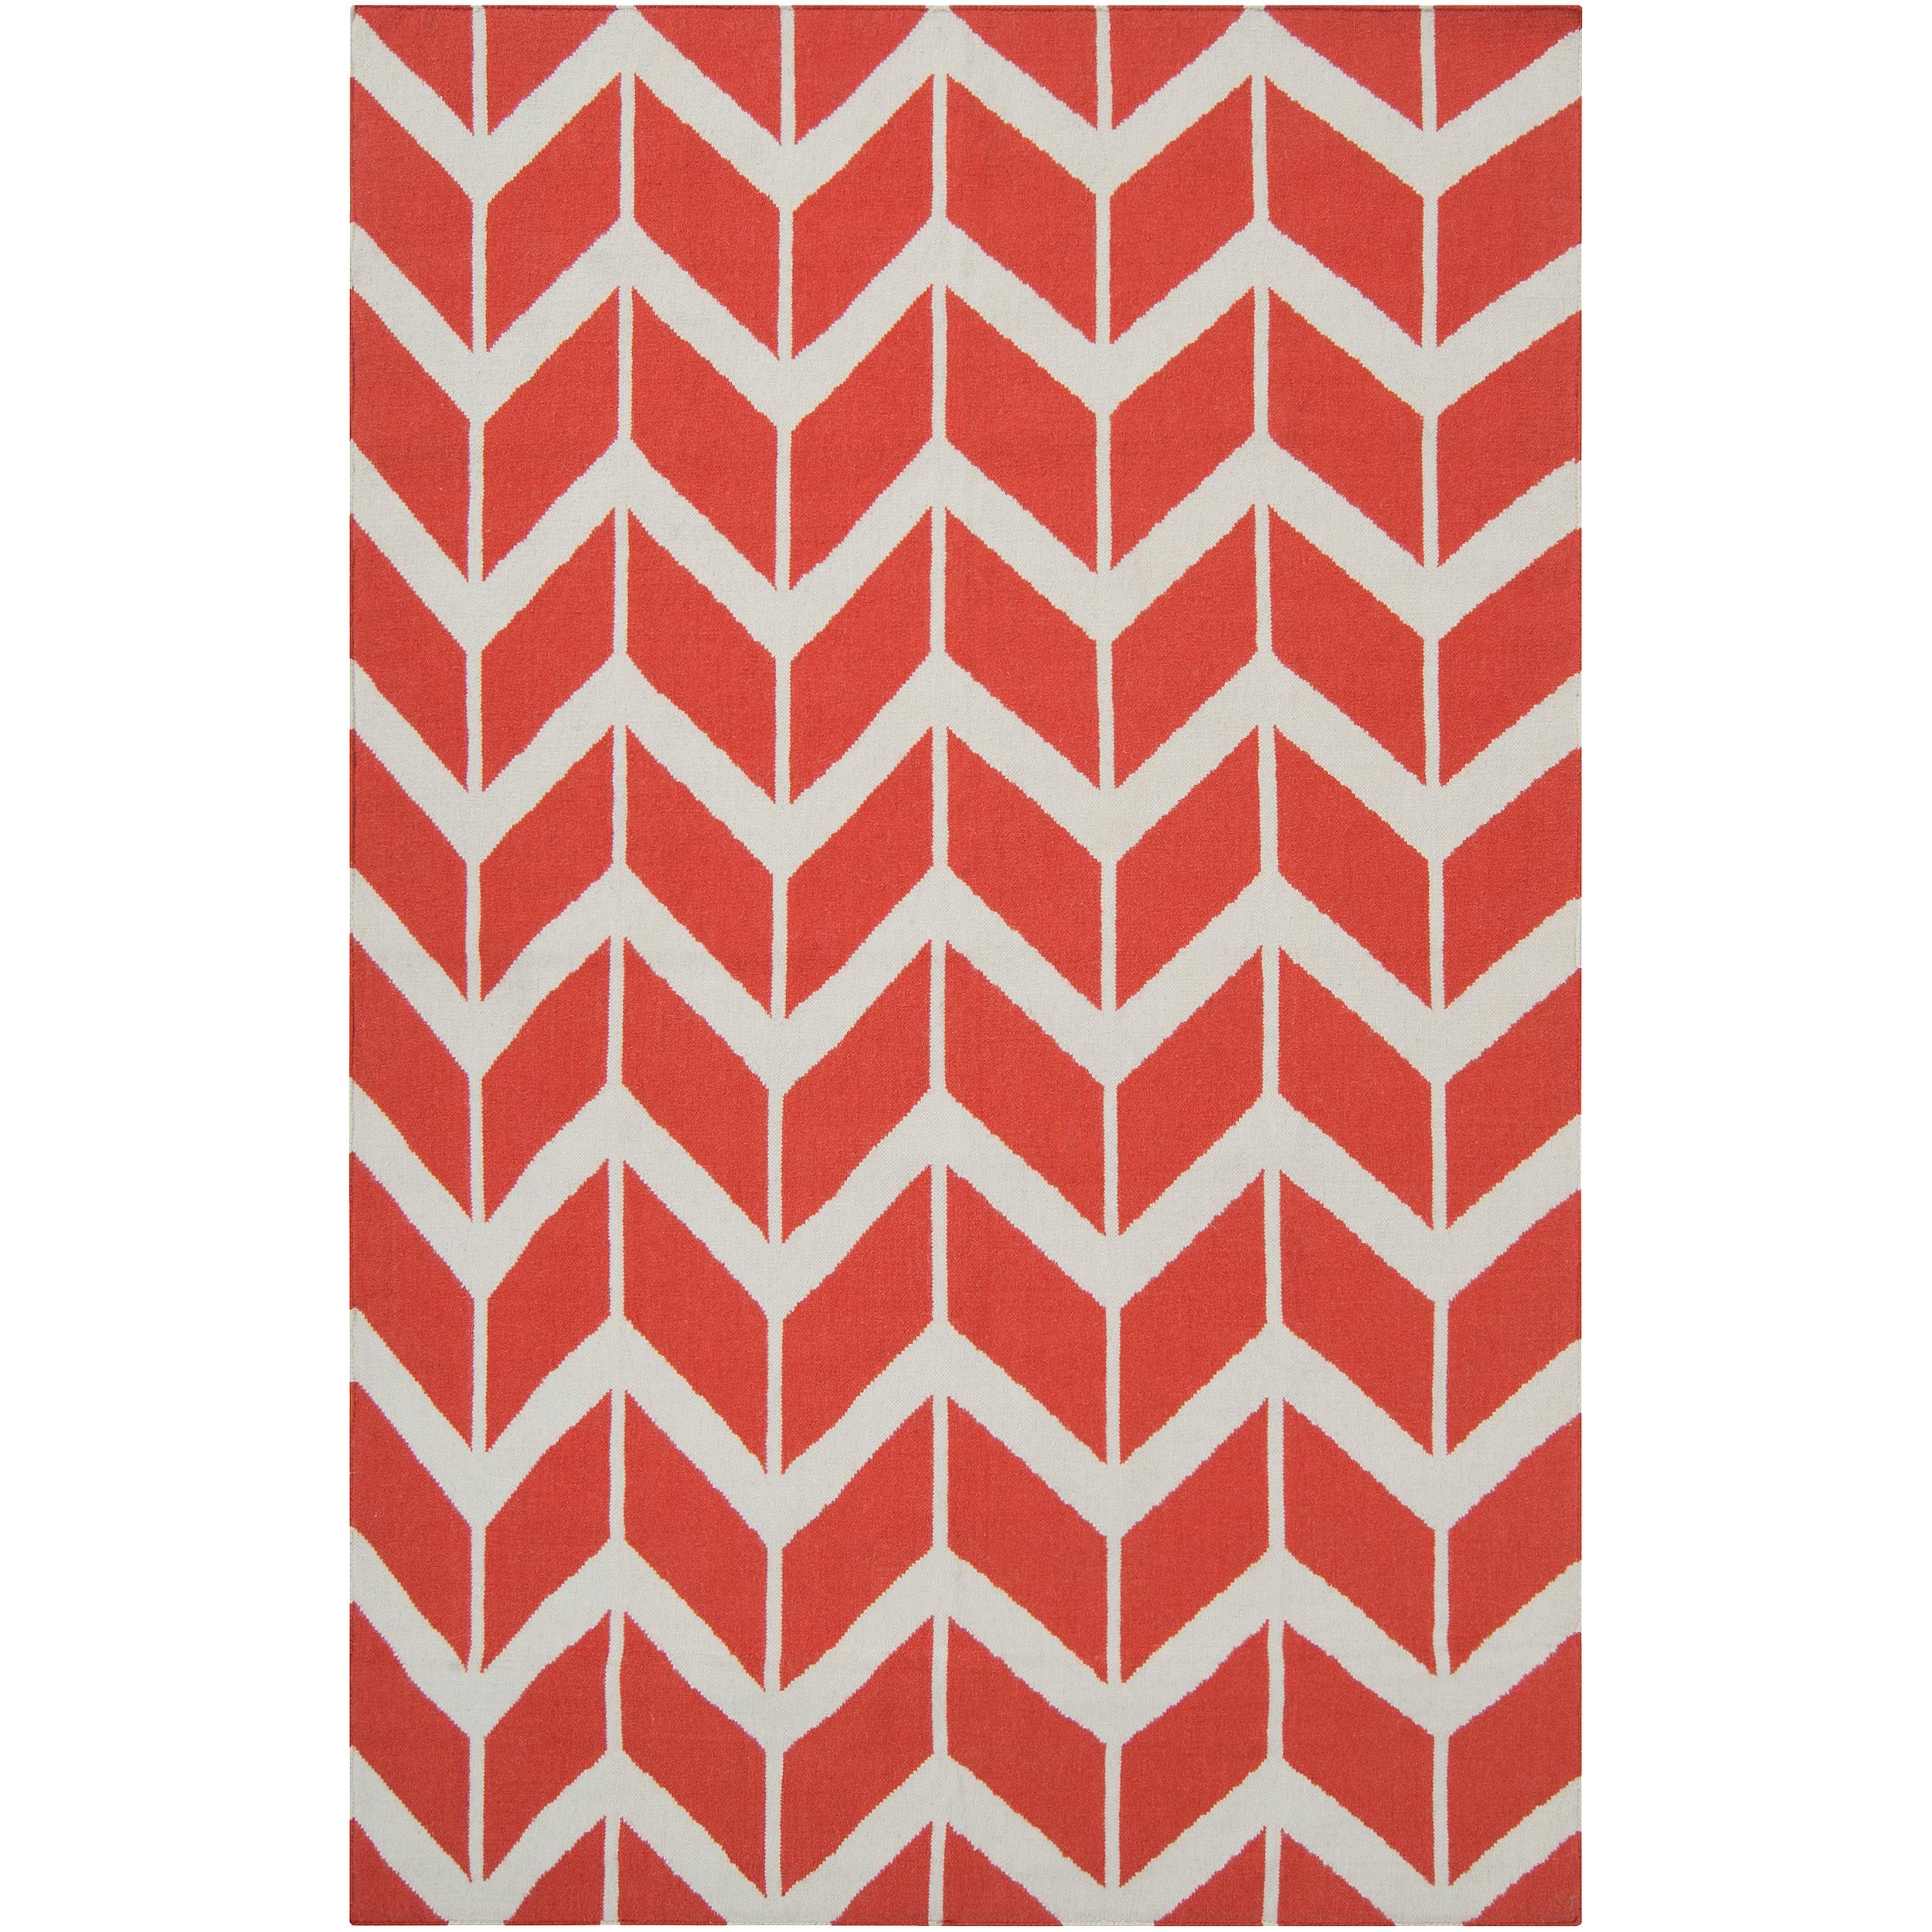 Jill Rosenwald Hand-woven Orange Abada Wool Rug (3'6 x 5'6)